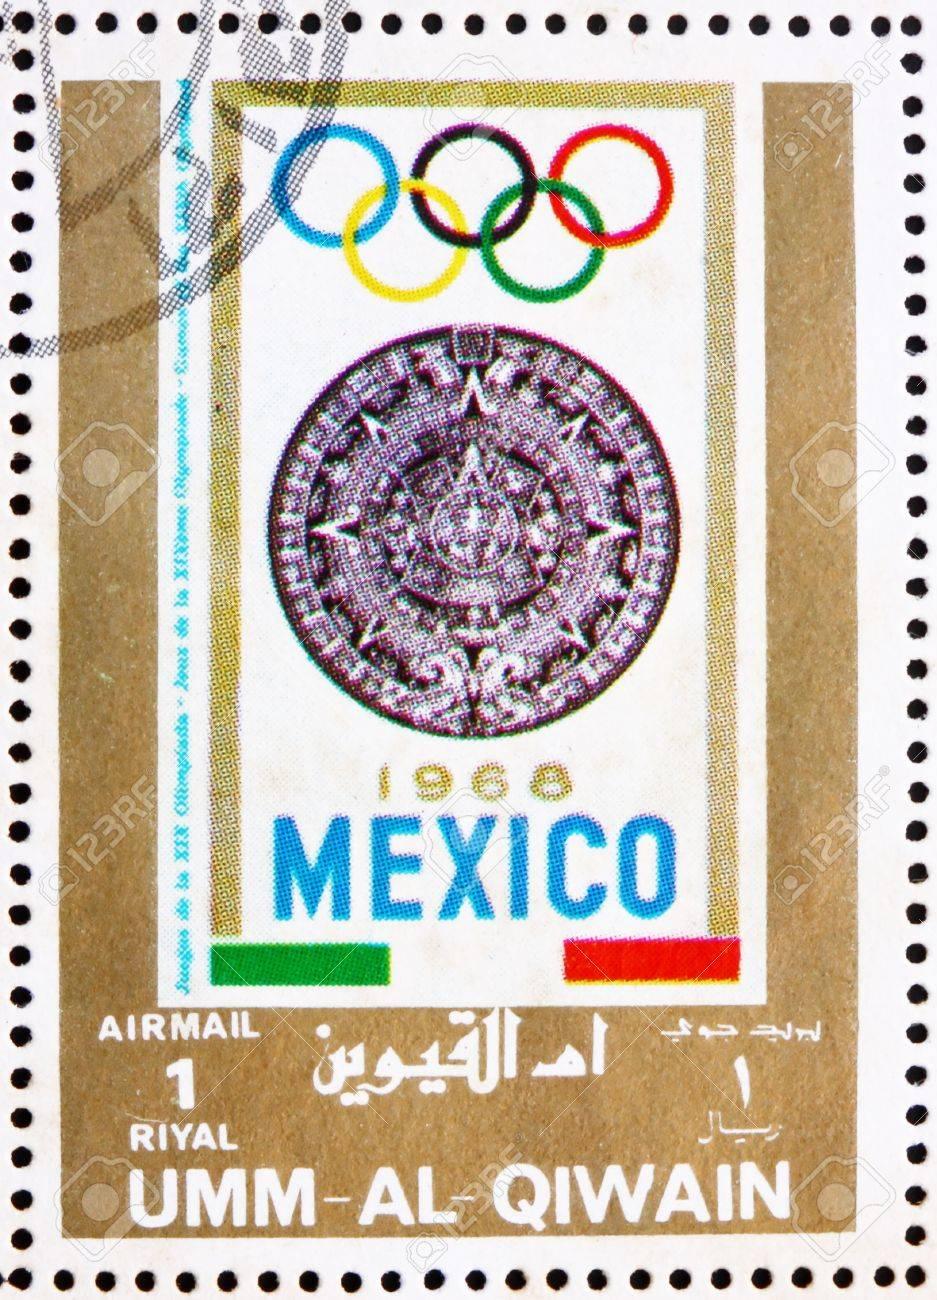 Fish aquarium in umm al quwain - Al Quwain Umm Al Quwain Circa 1972 A Stamp Printed In The